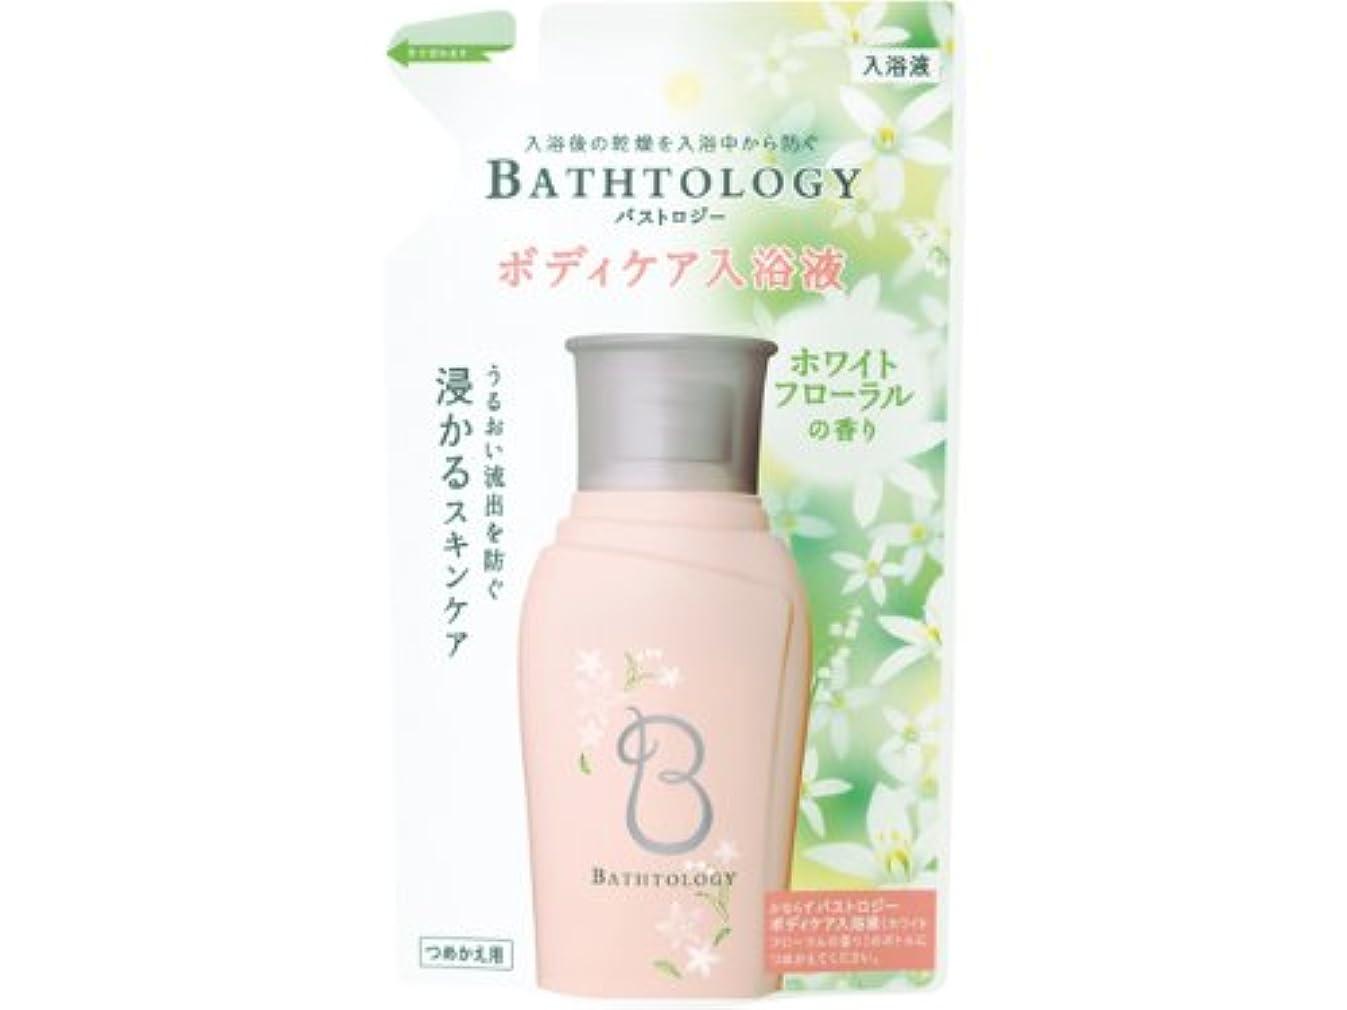 順応性のある農奴リスナーBATHTOLOGY ボディケア入浴液 ホワイトフローラルの香り つめかえ用 450ml